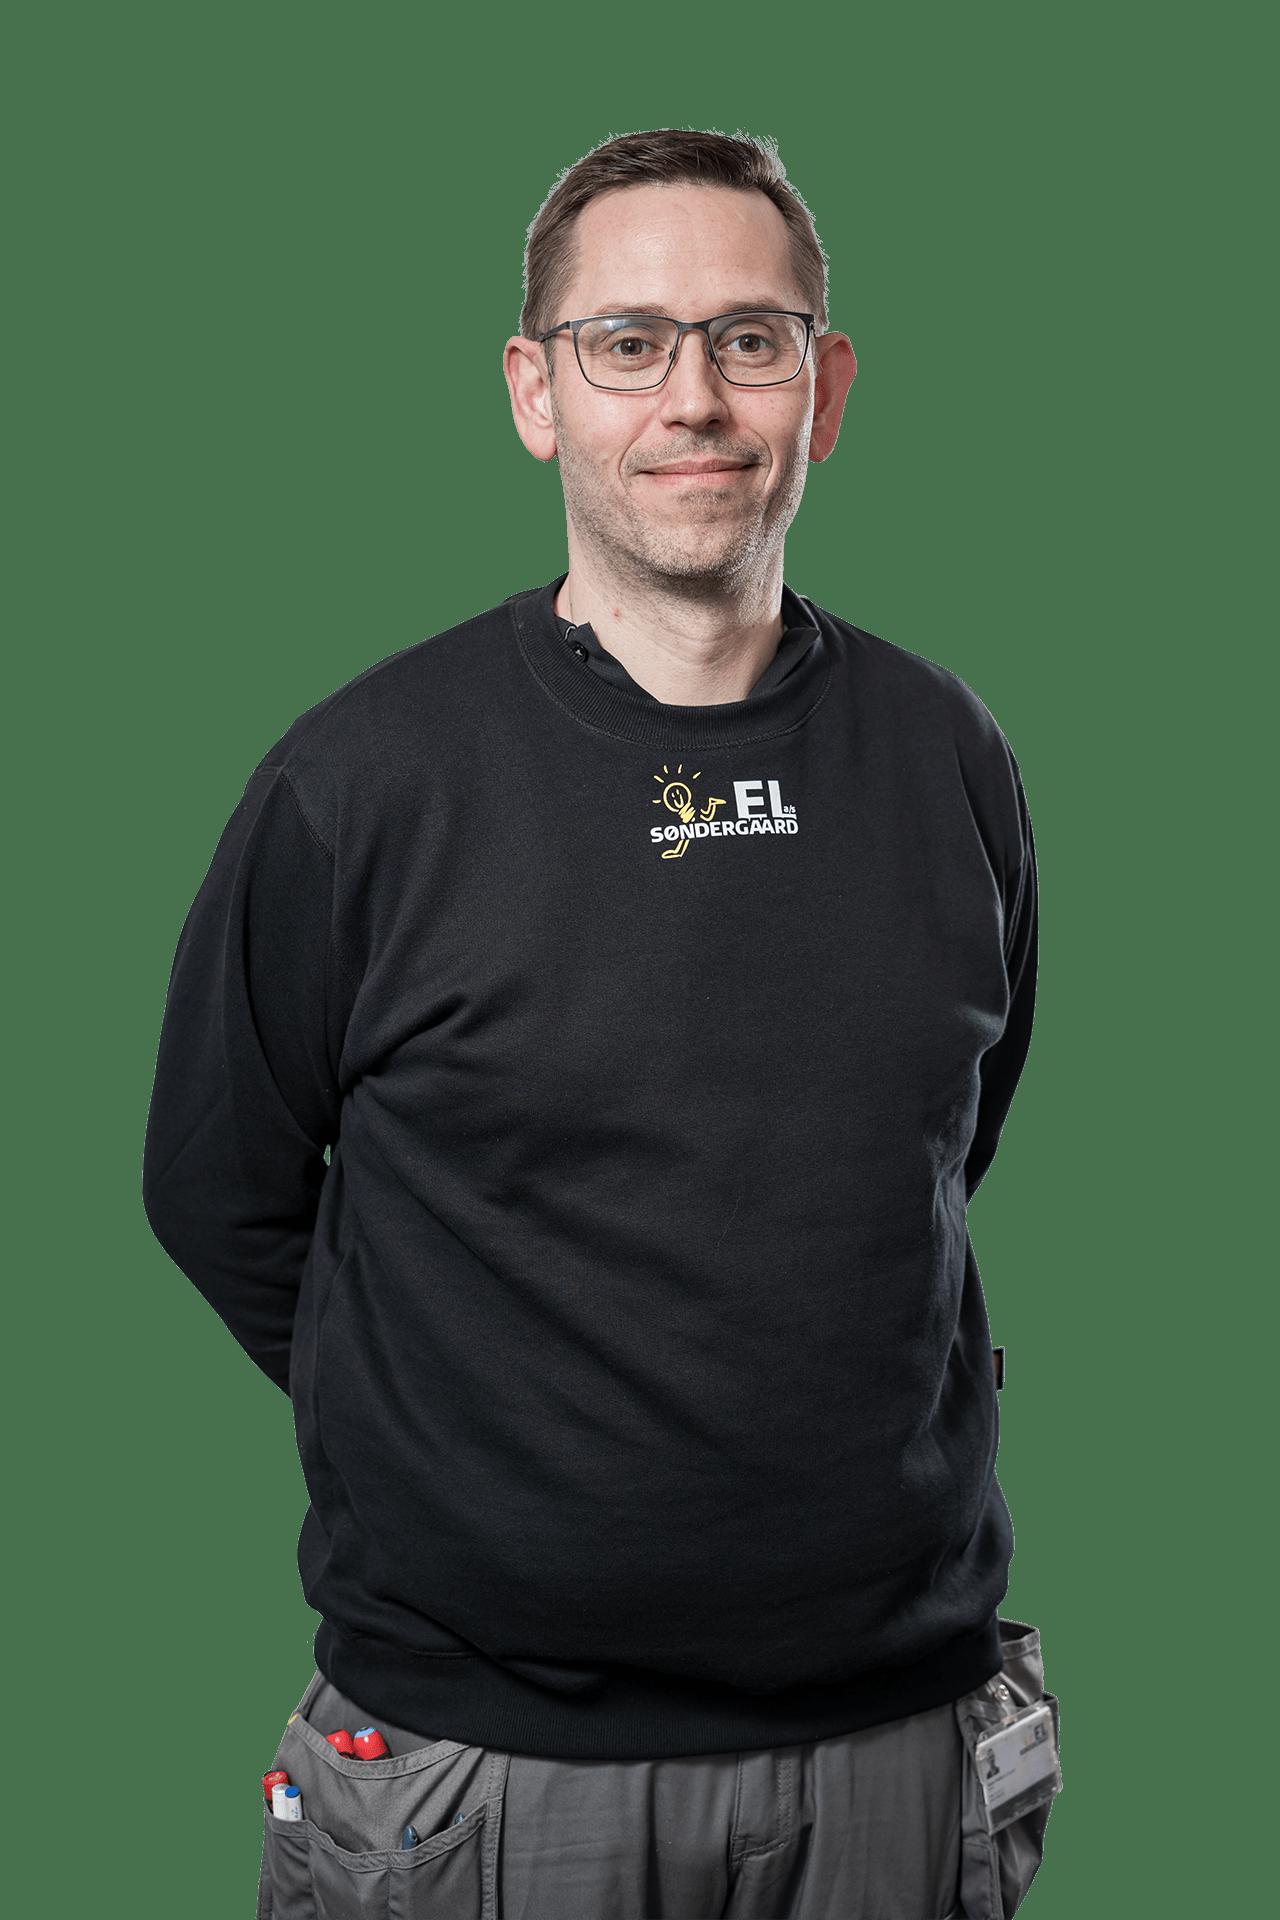 Søndergaard El - Brian